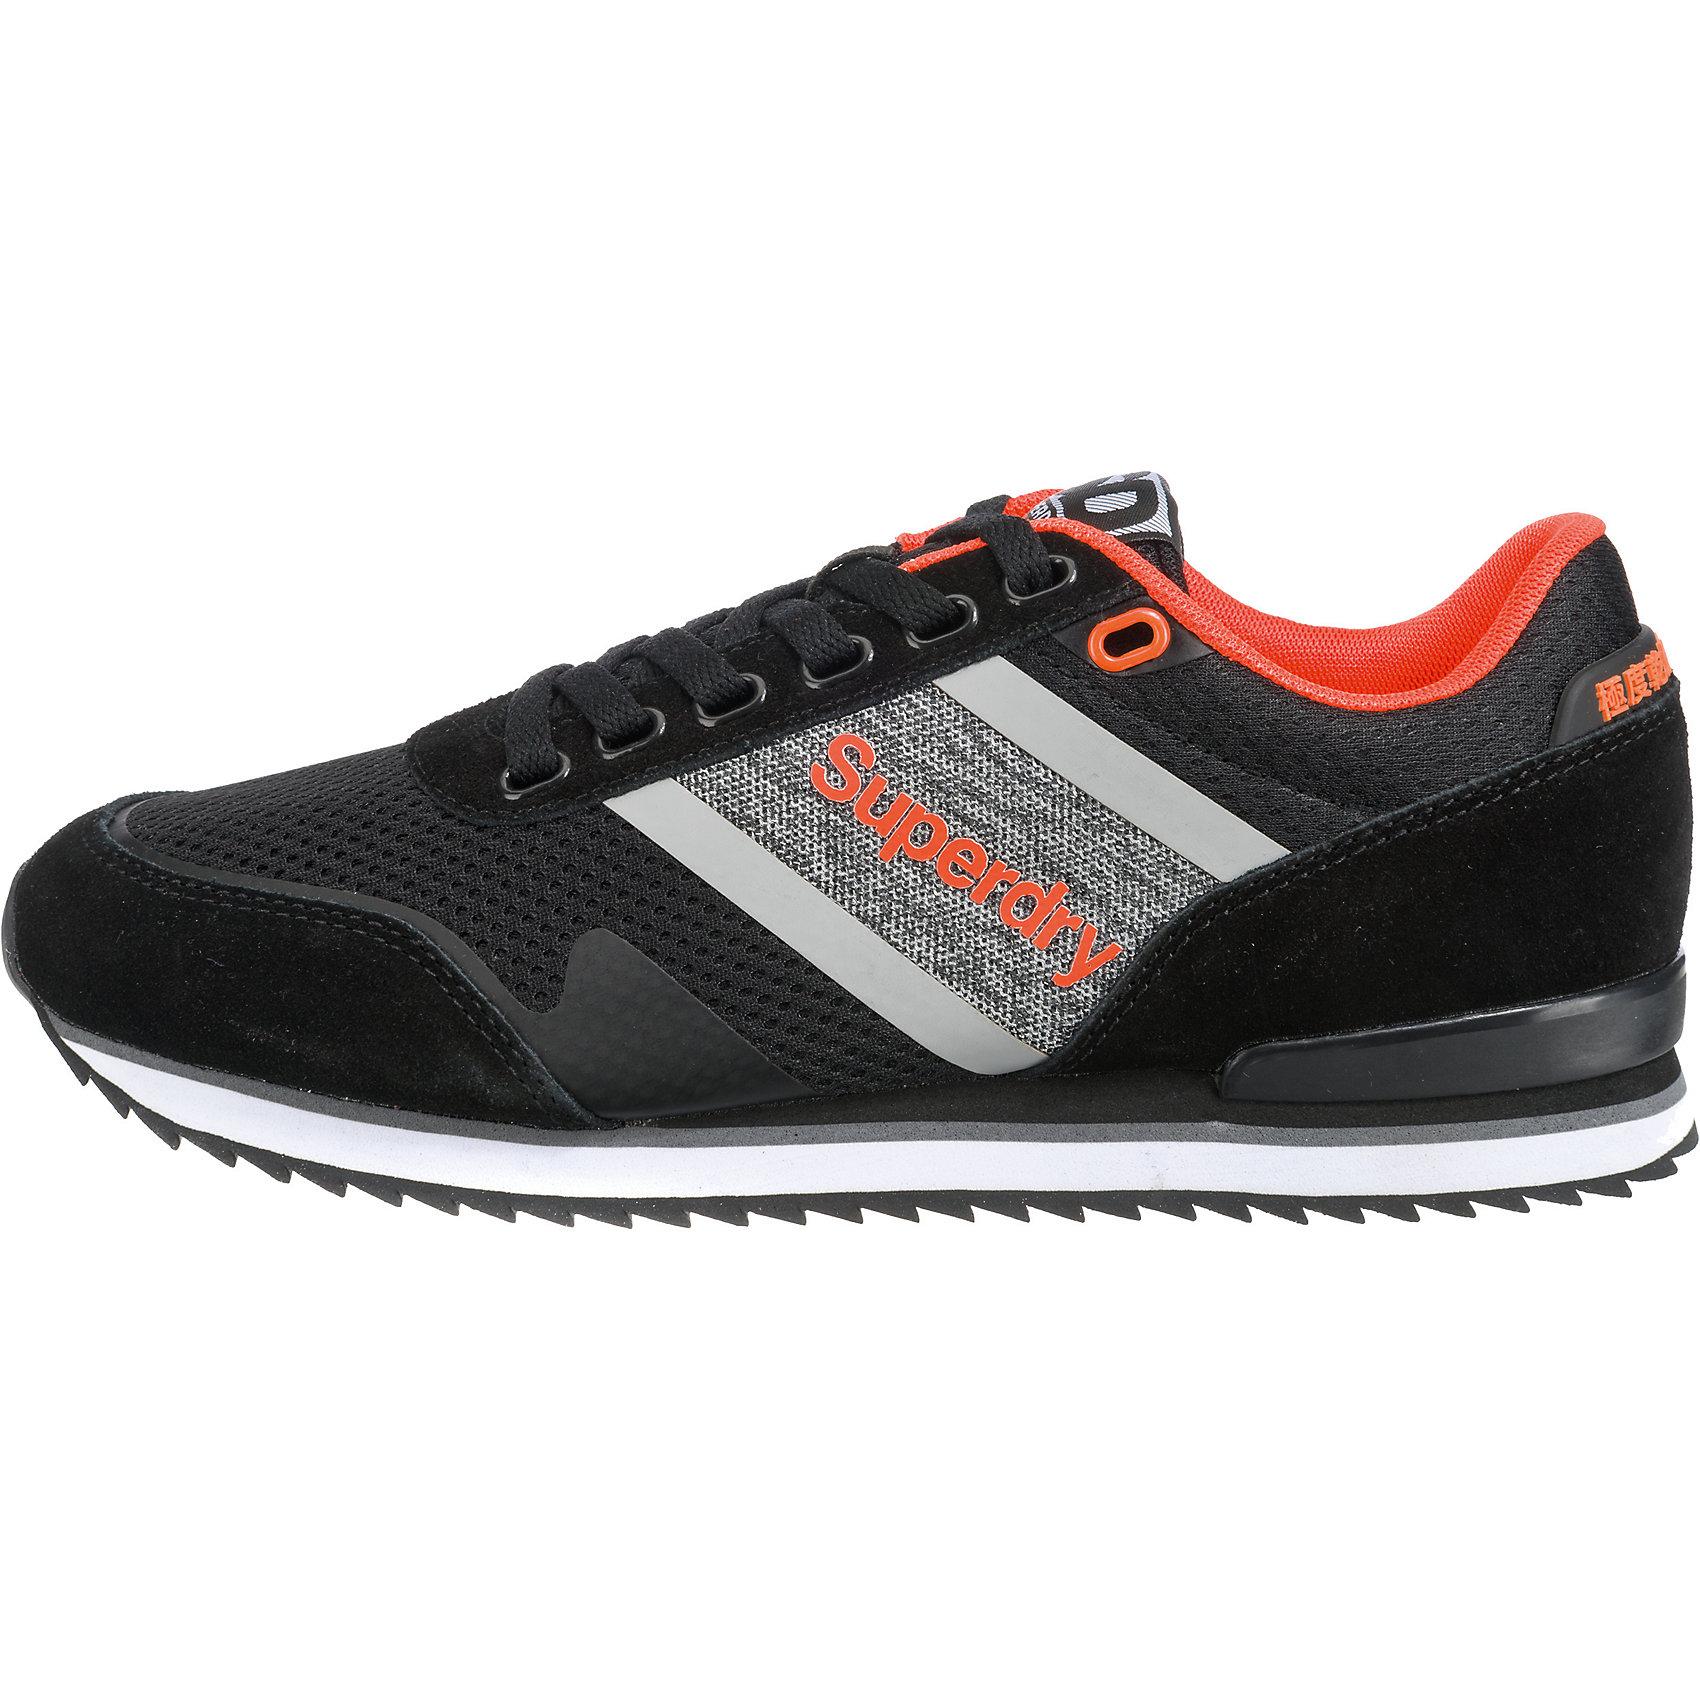 Neu Superdry FERO RUNNER Herren Sneakers Low 7282123 für Herren RUNNER 7348e7